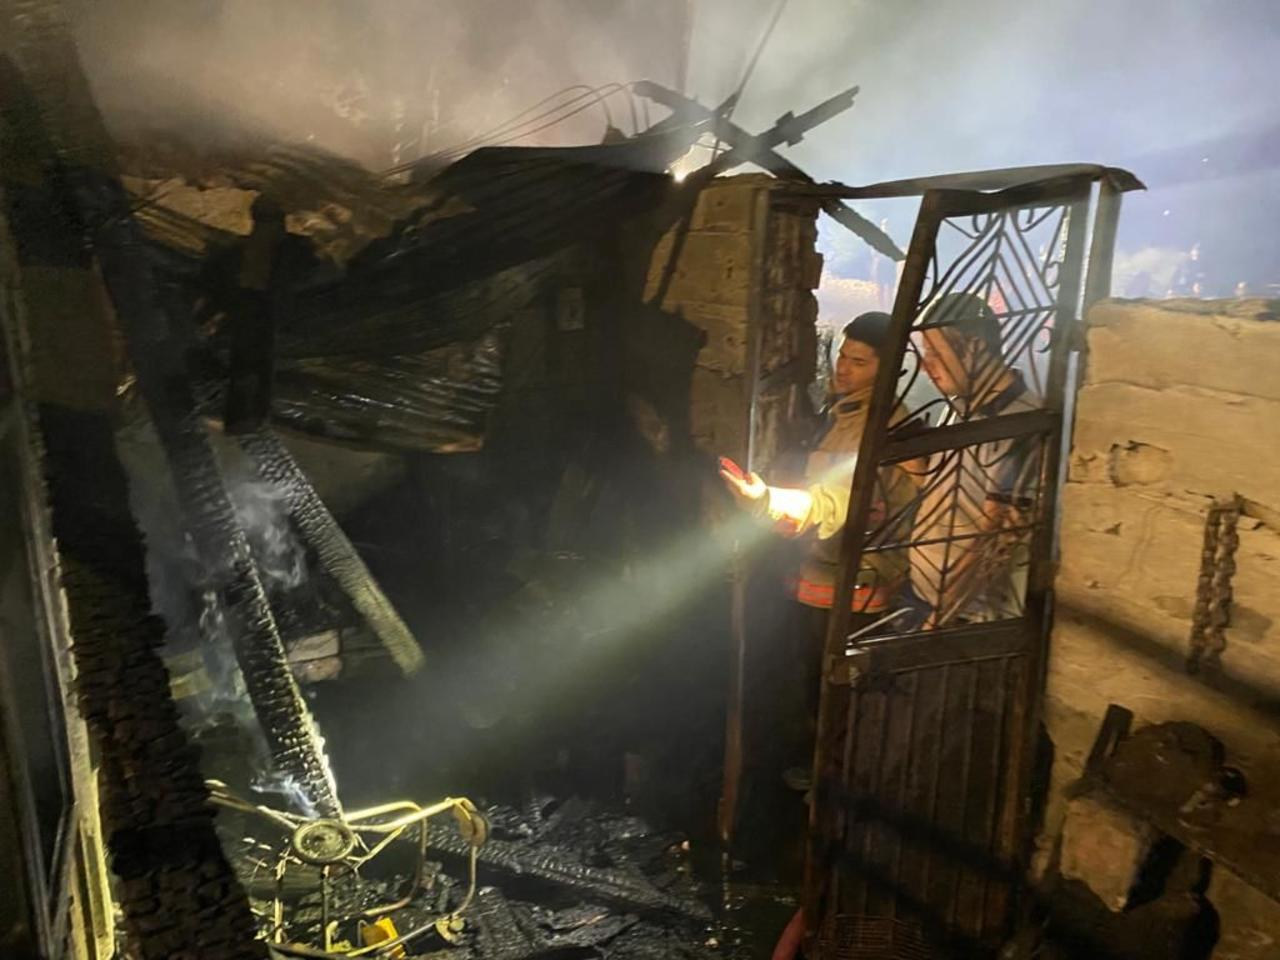 Fuerte incendio acaba con vivienda en Santiago Papasquiaro